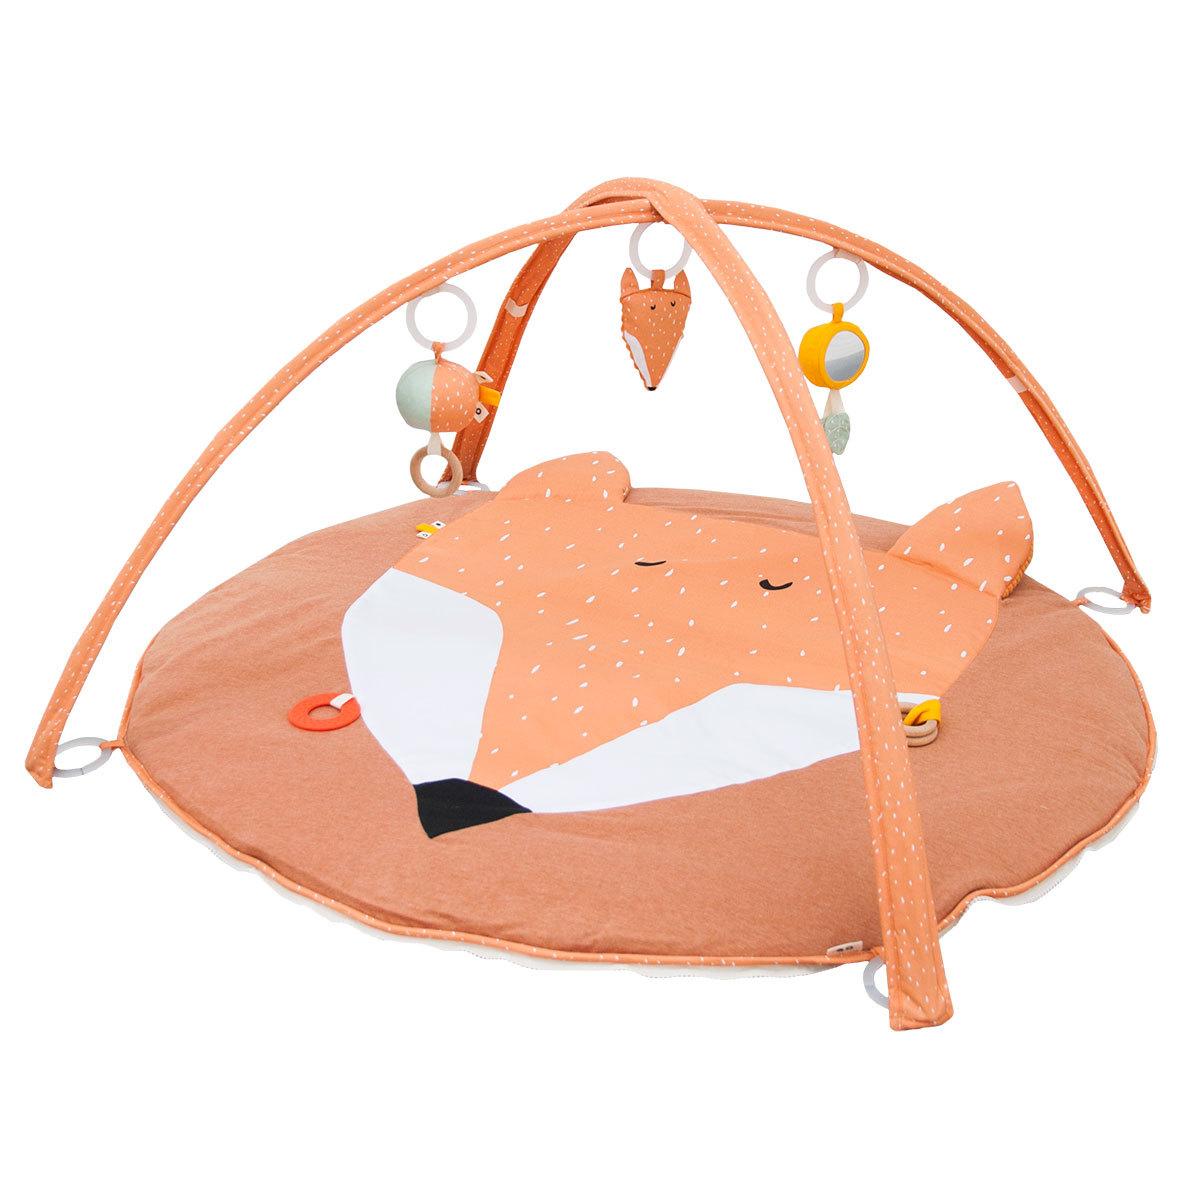 Tapis éveil Tapis de Jeux avec Arches Mr. Fox Tapis de Jeux avec Arches Mr. Fox